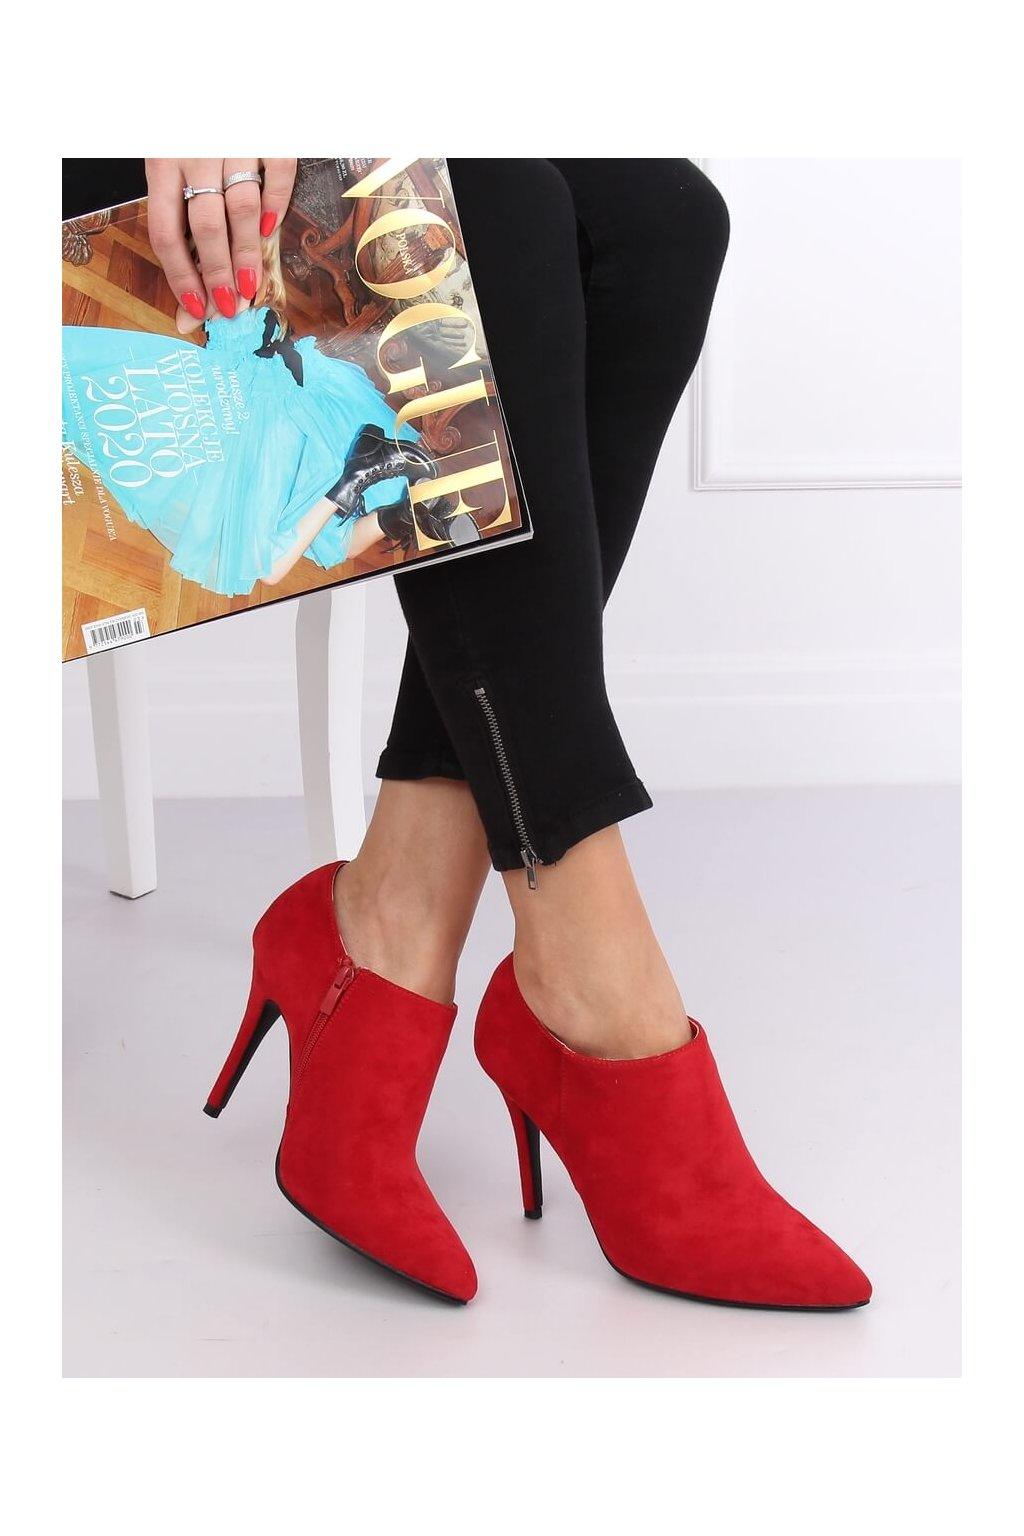 Dámske členkové topánky červené na ihlovom podpätku TX-1850